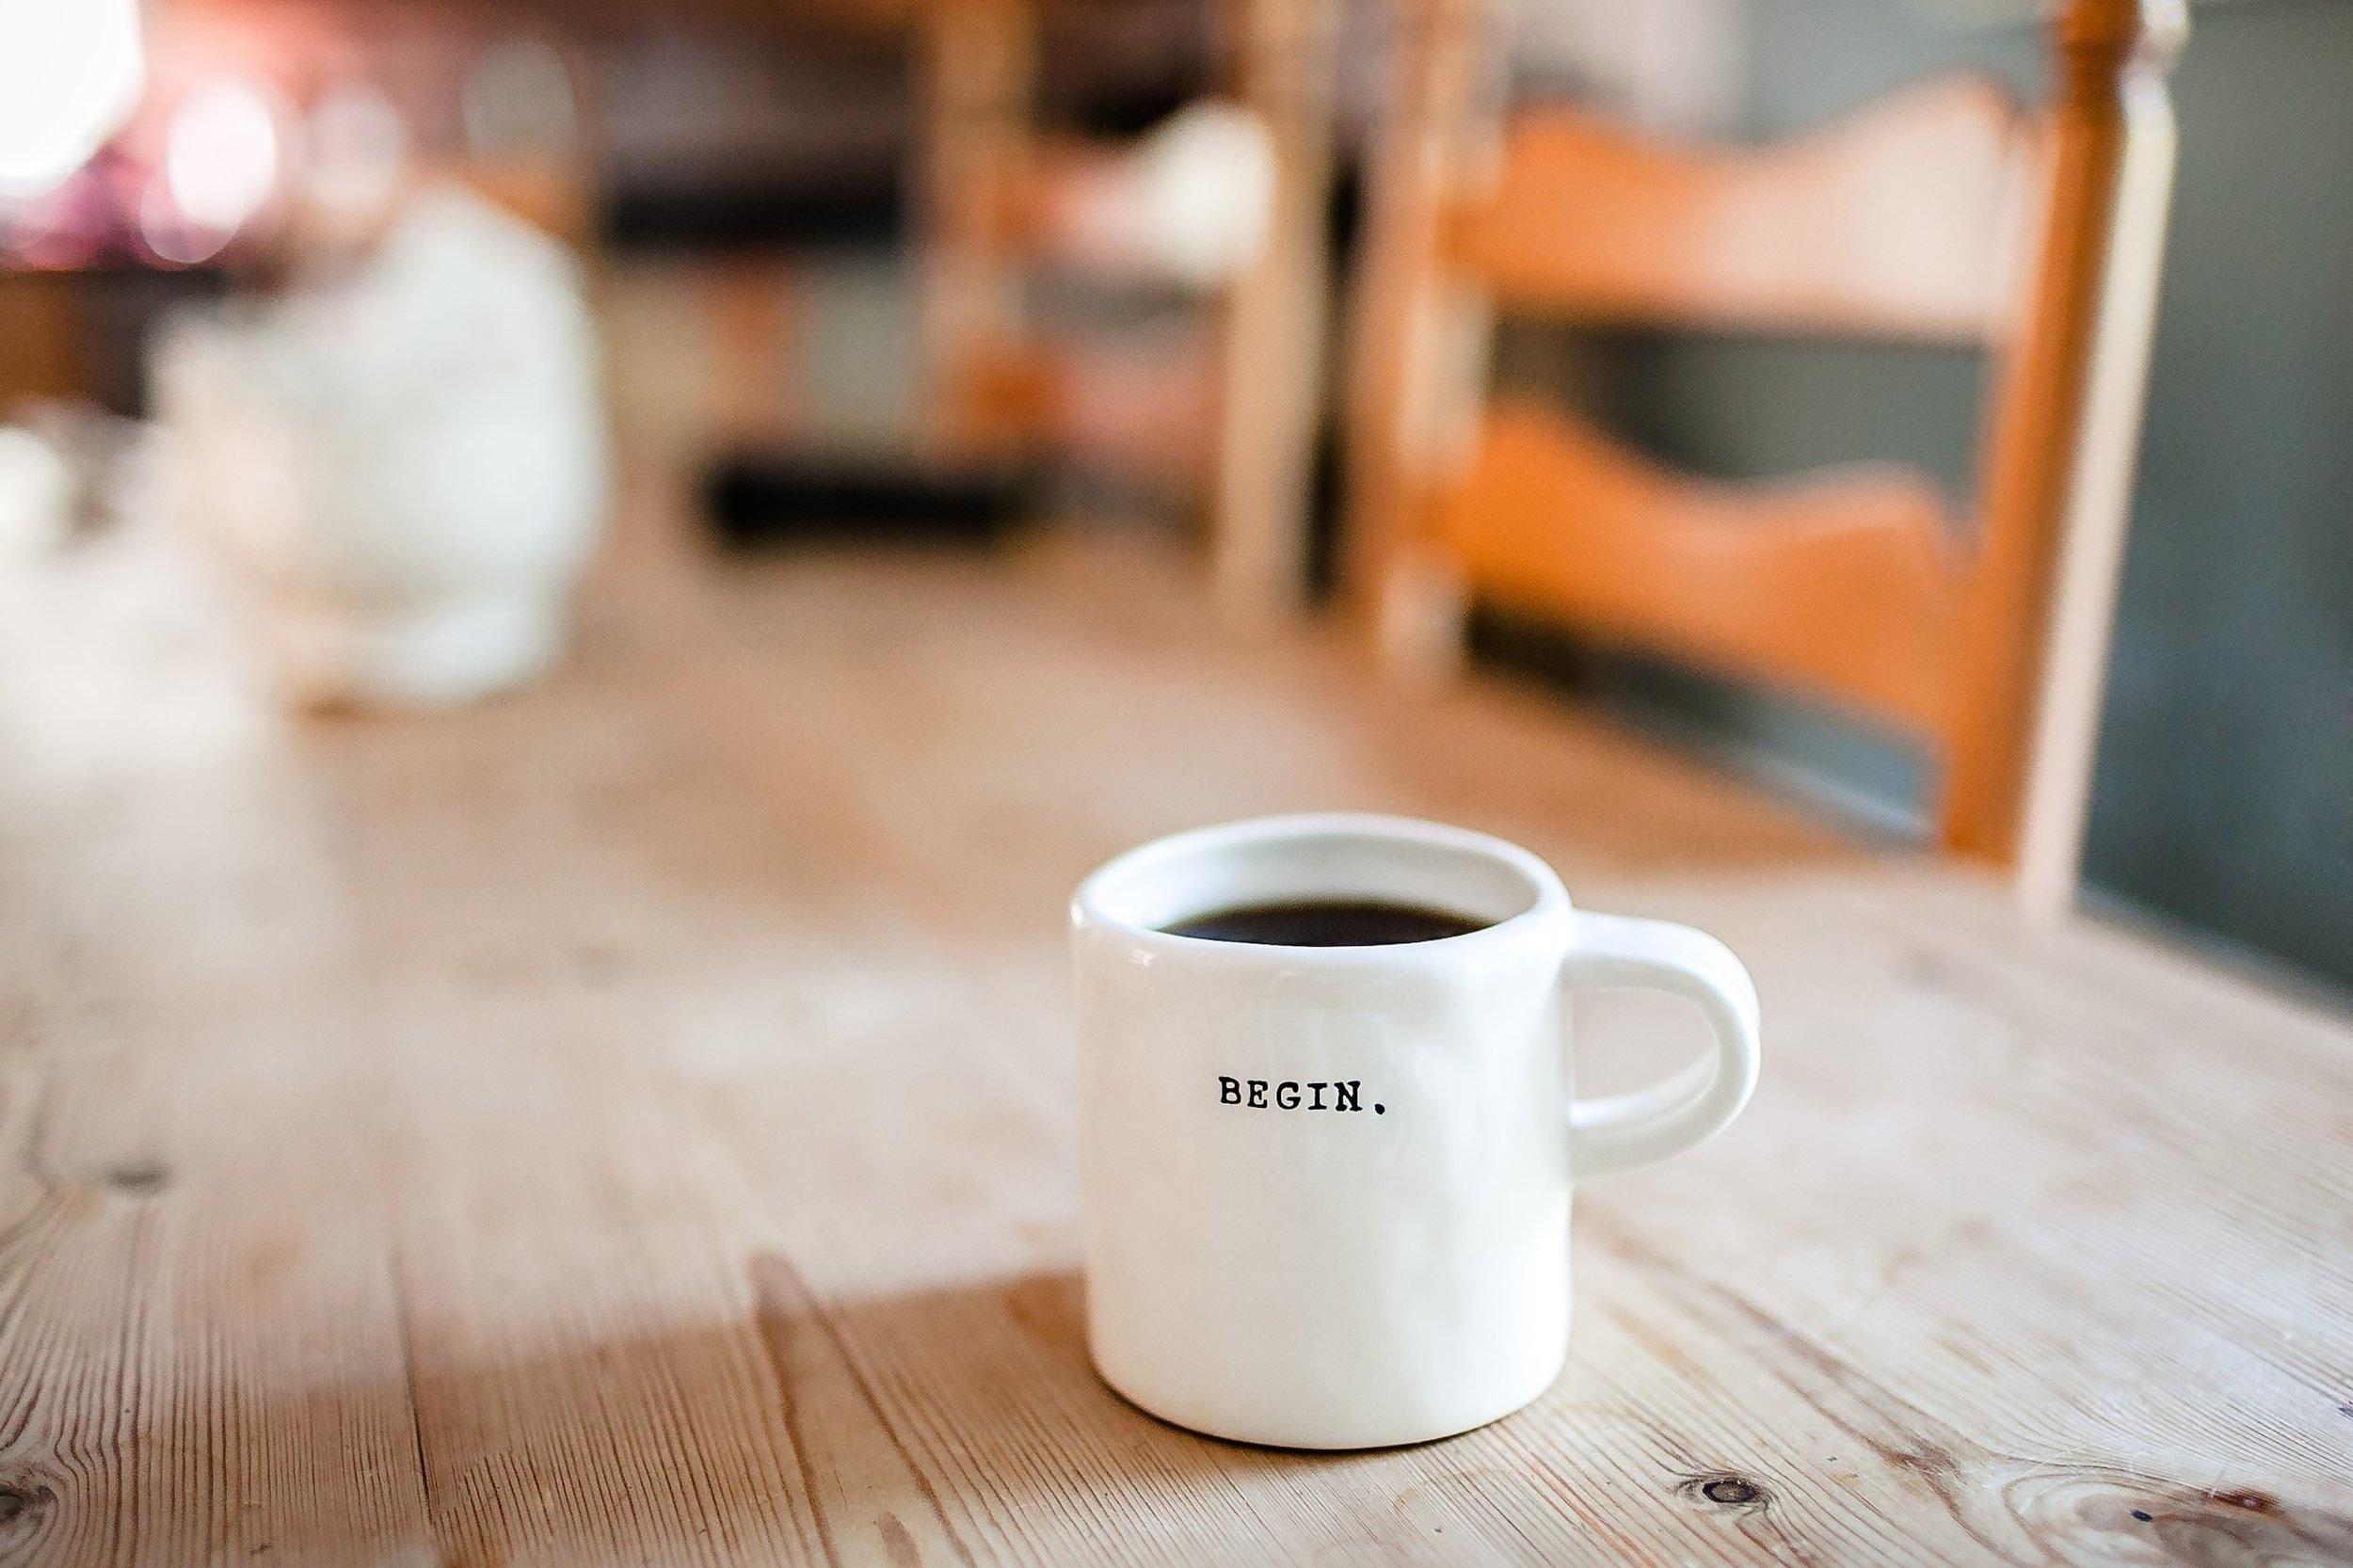 begin+mug.jpg